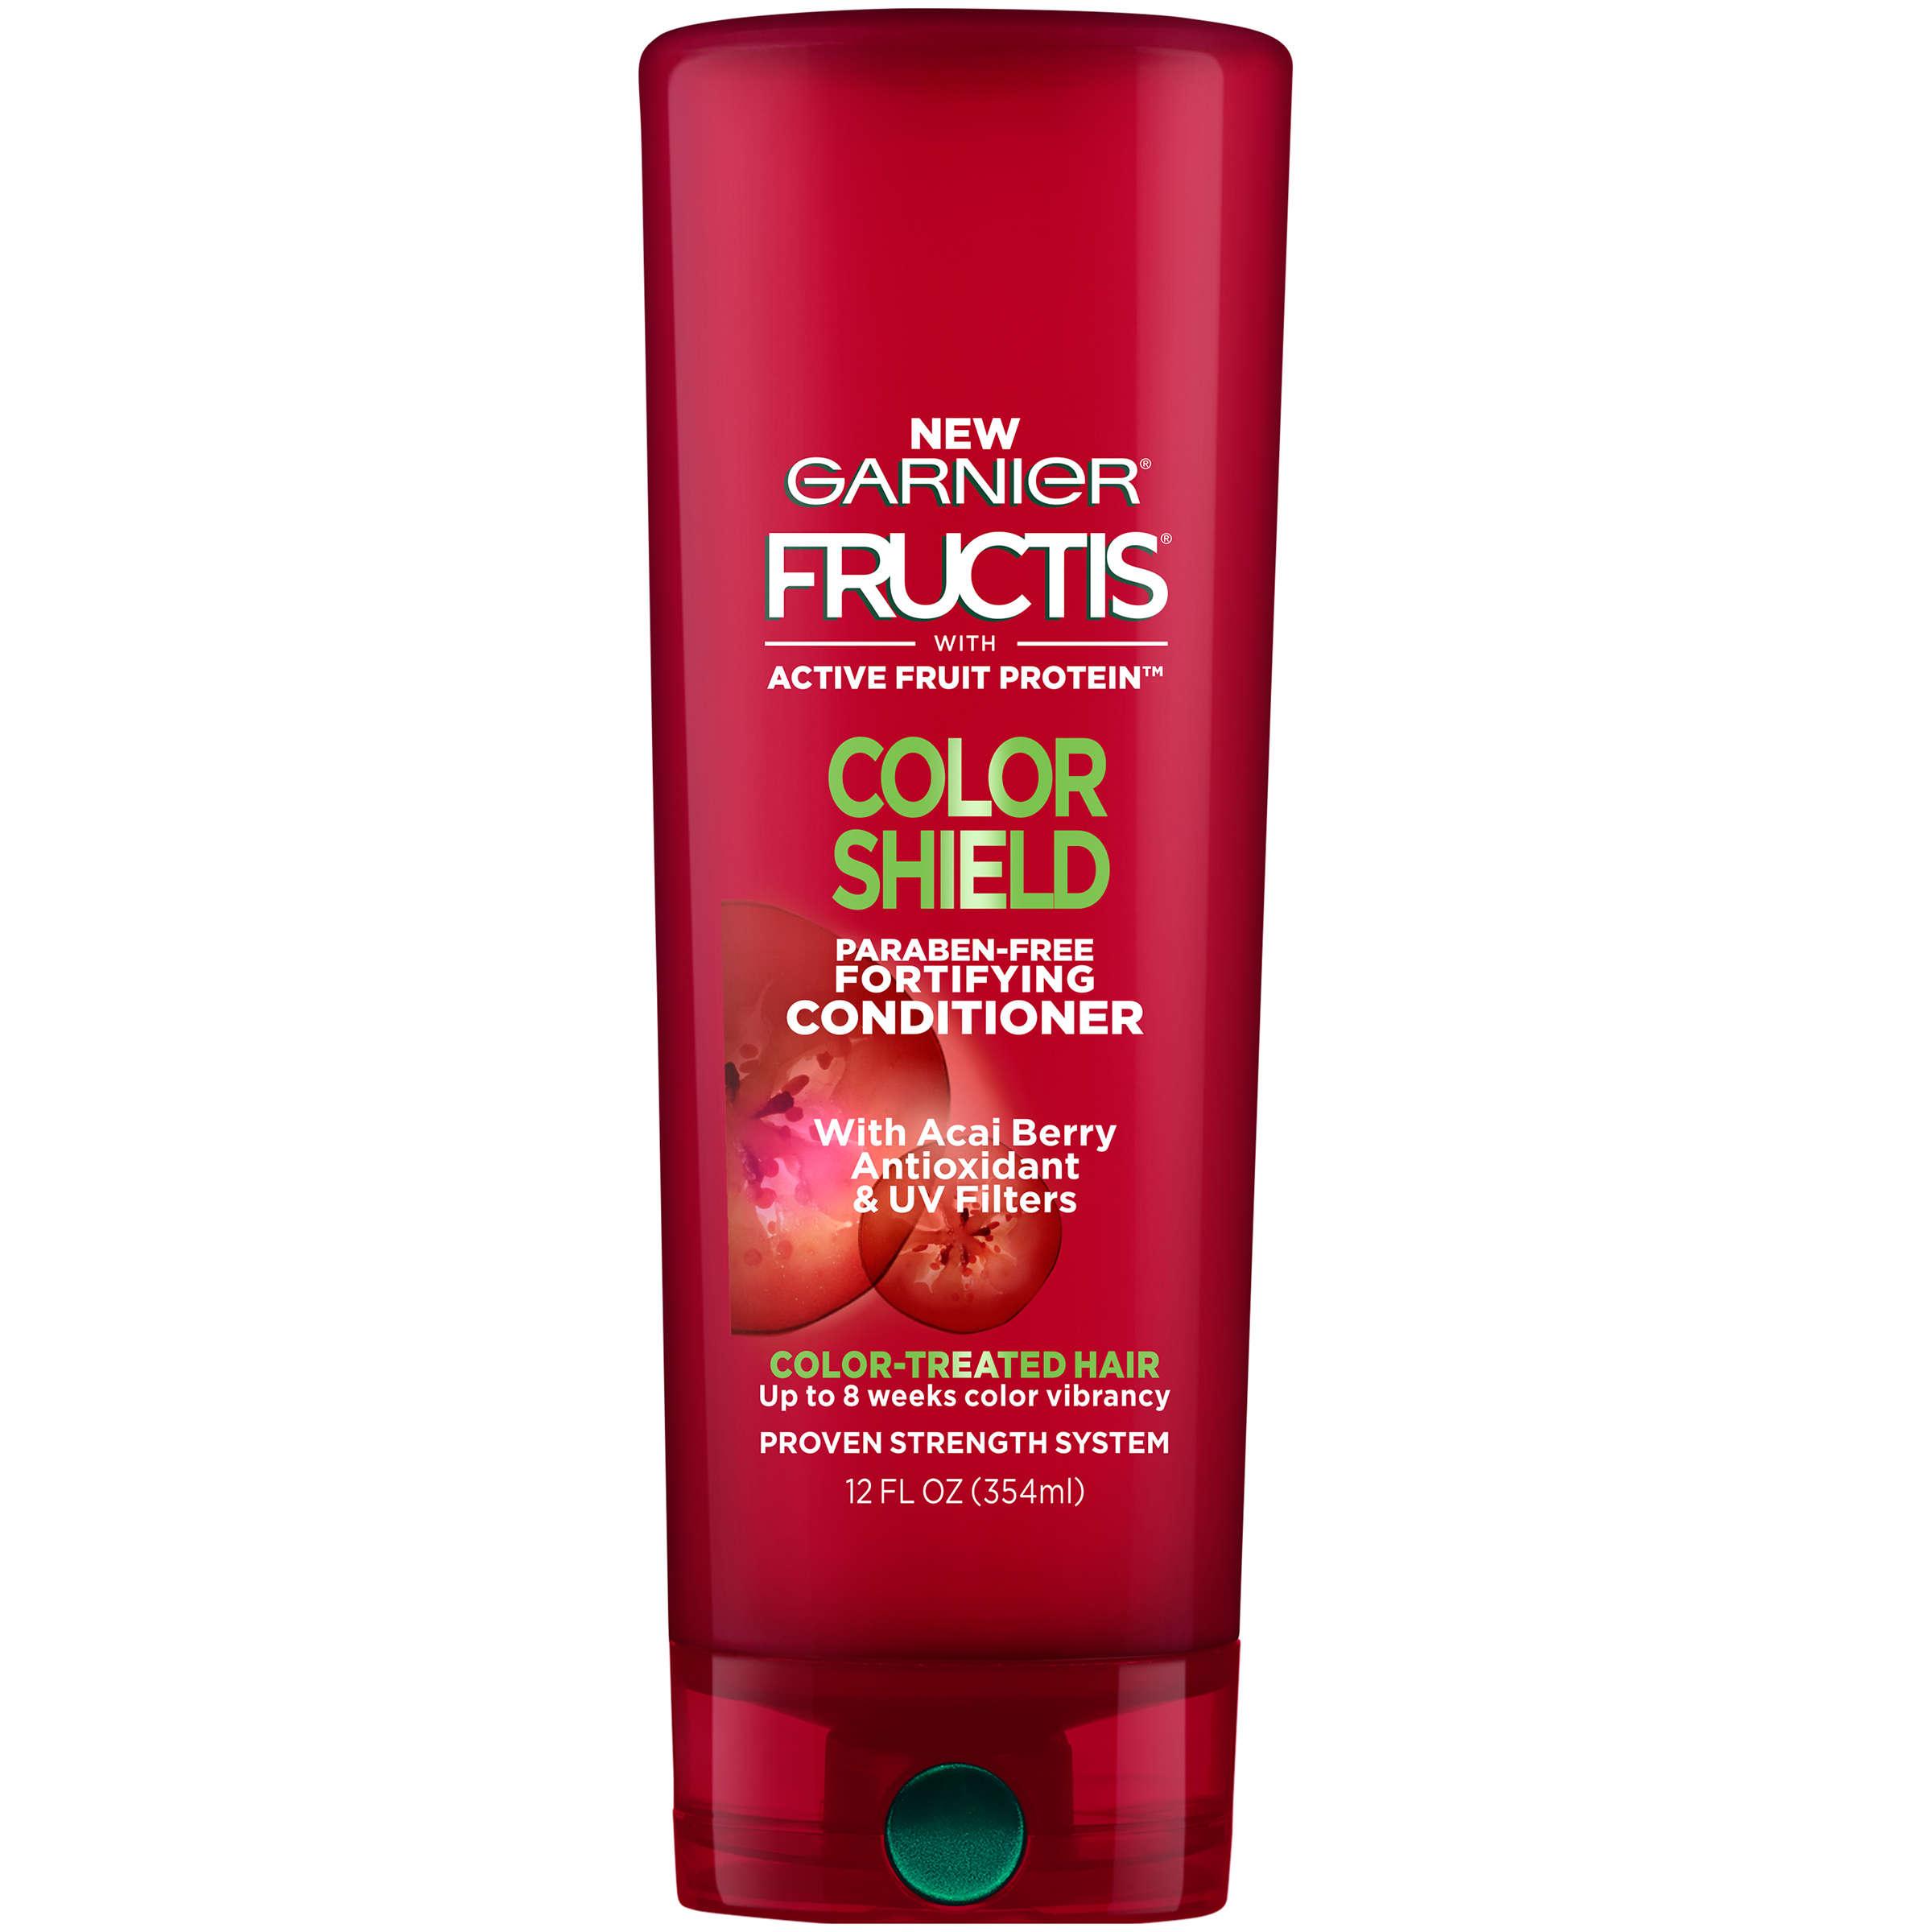 Garnier Fructis Color Shield Conditioner